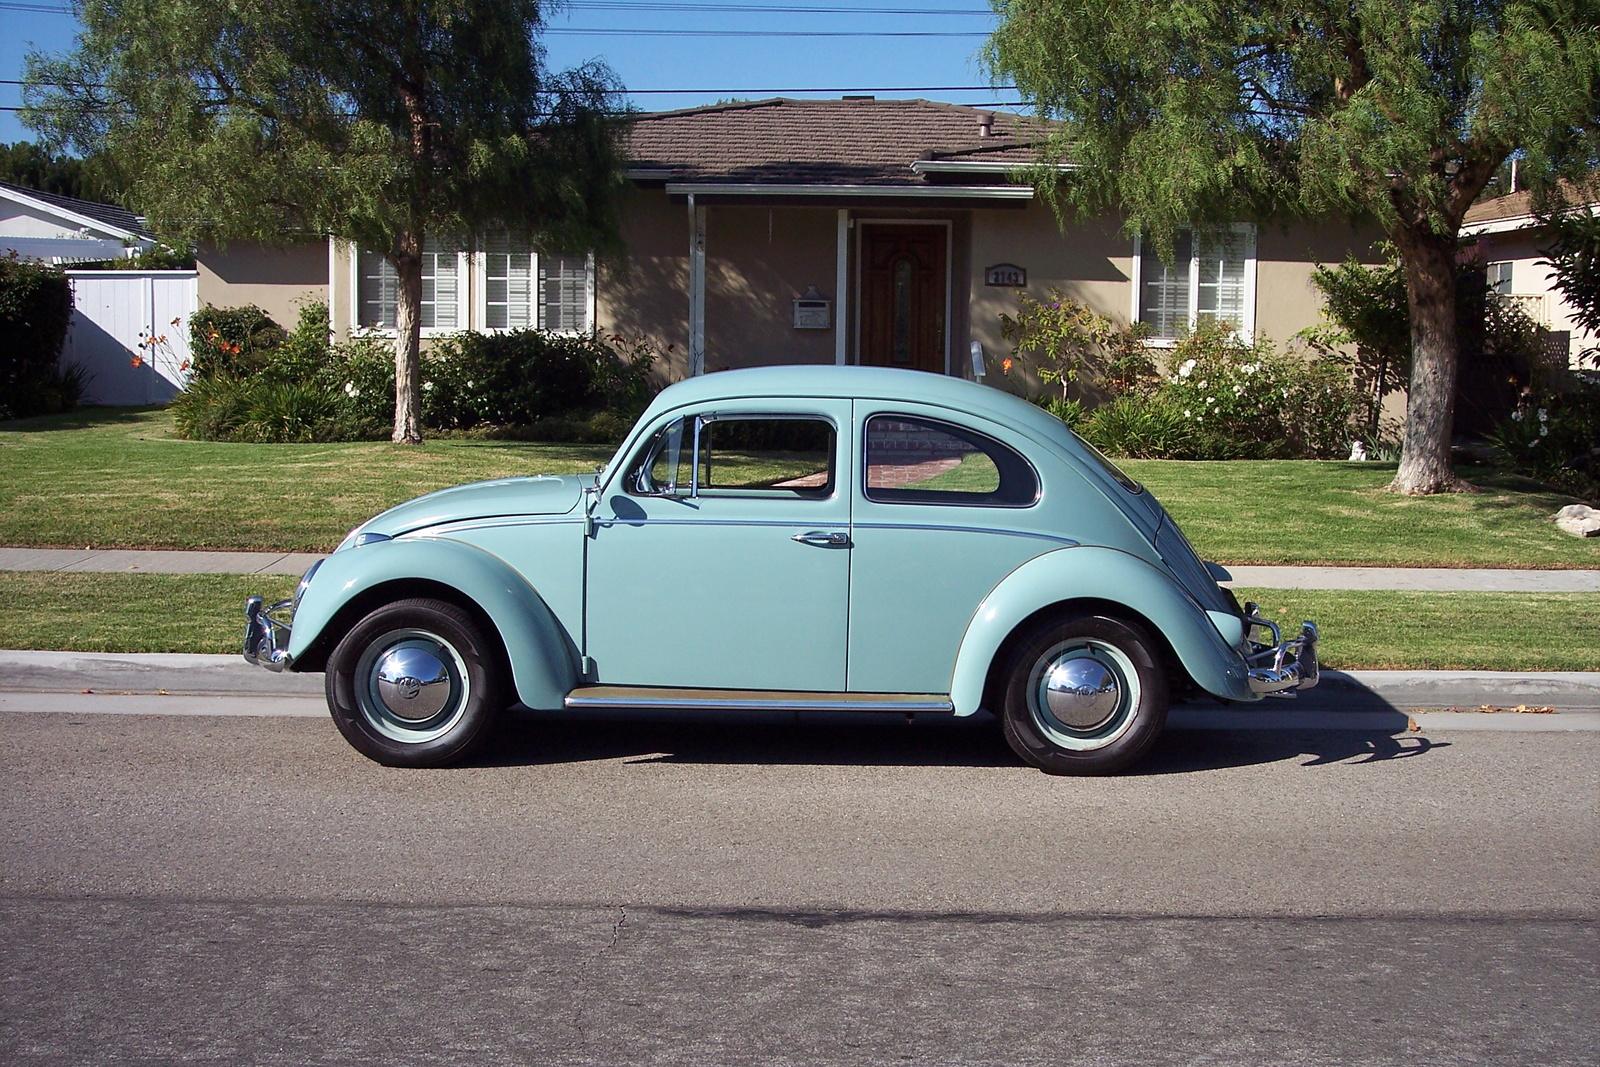 Volkswagen Beetle Questions - 1961 Beetle